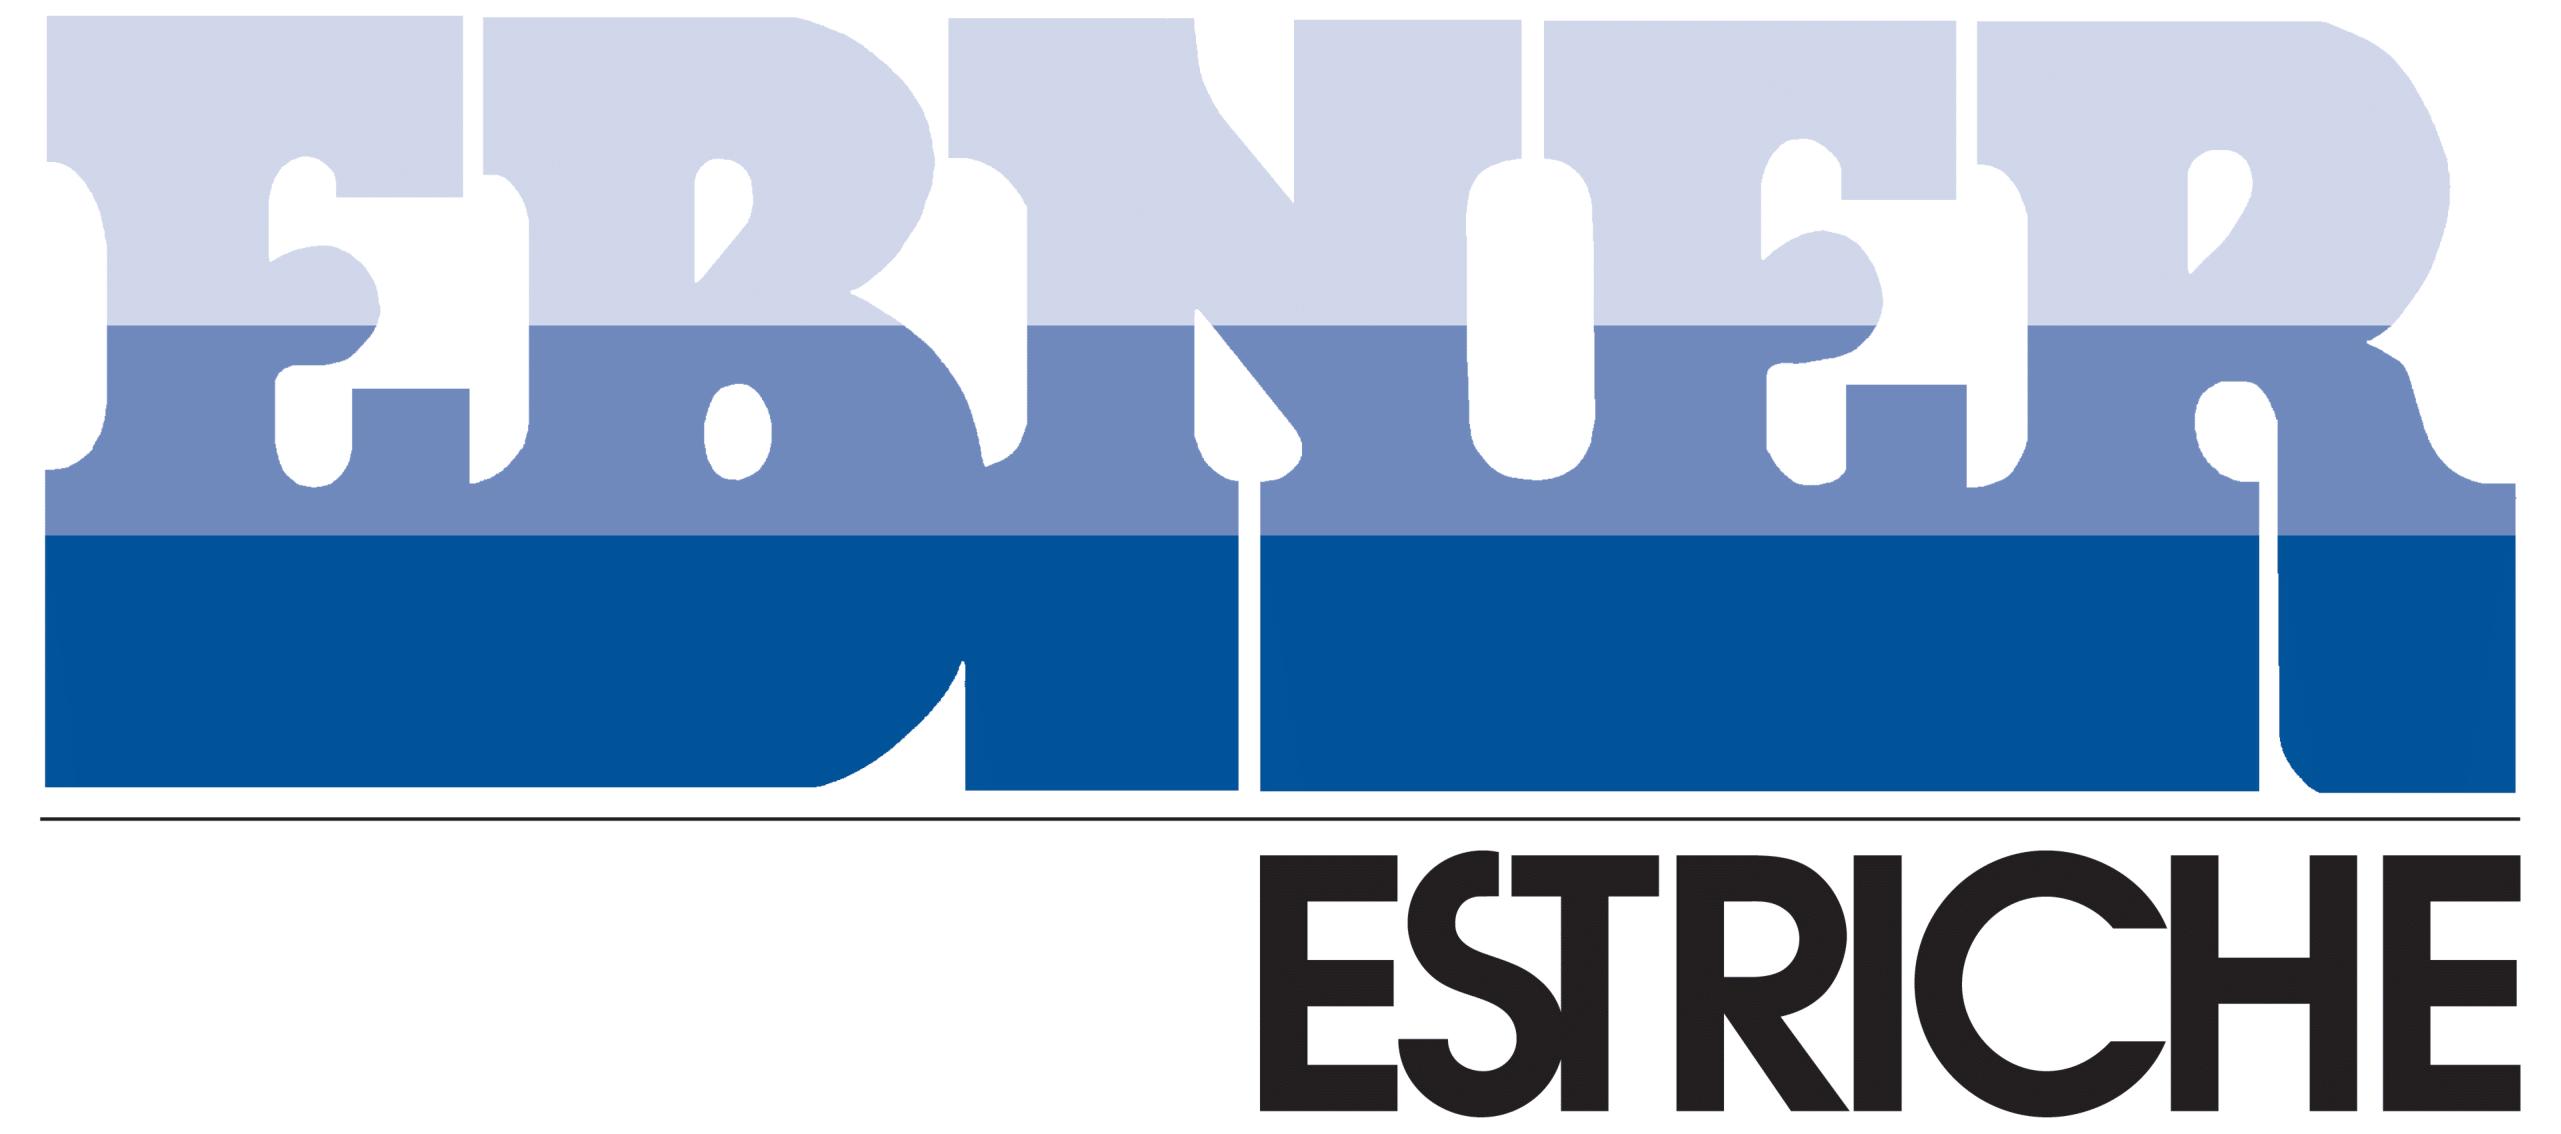 Ebner-Estriche GmbH